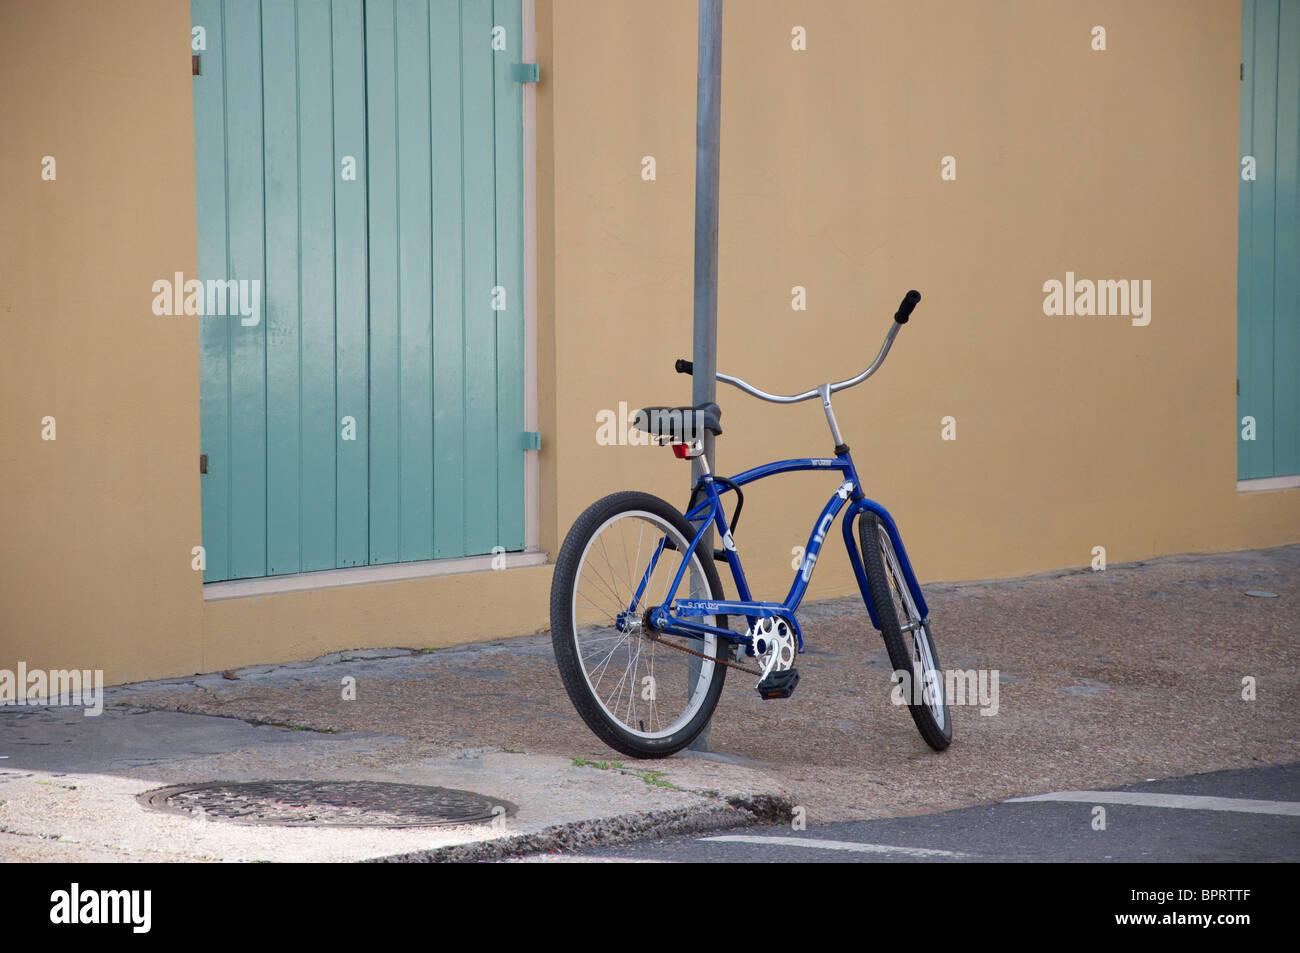 Bicicleta Azul aparcado en la acera Imagen De Stock